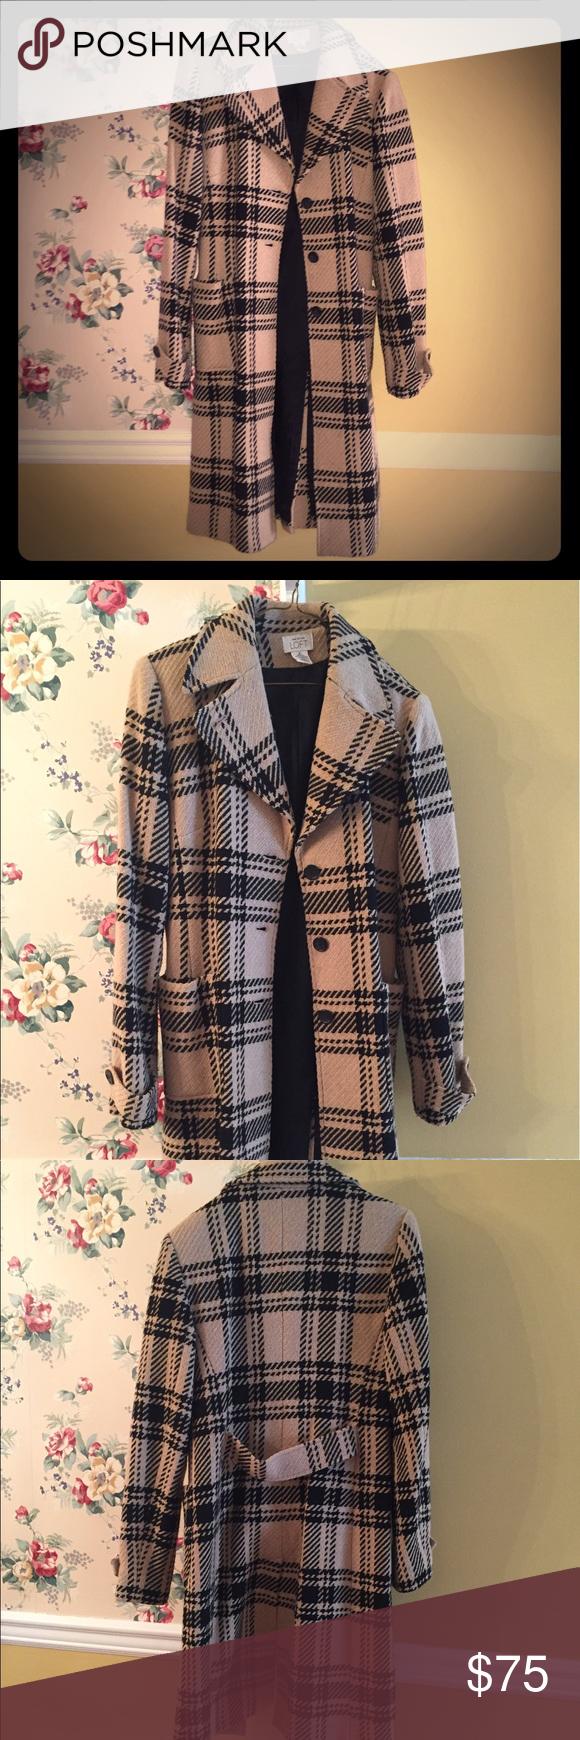 31530f378b7 Ann Taylor Loft coat Ann Taylor Loft wool coat. Tan and black plaid. Size